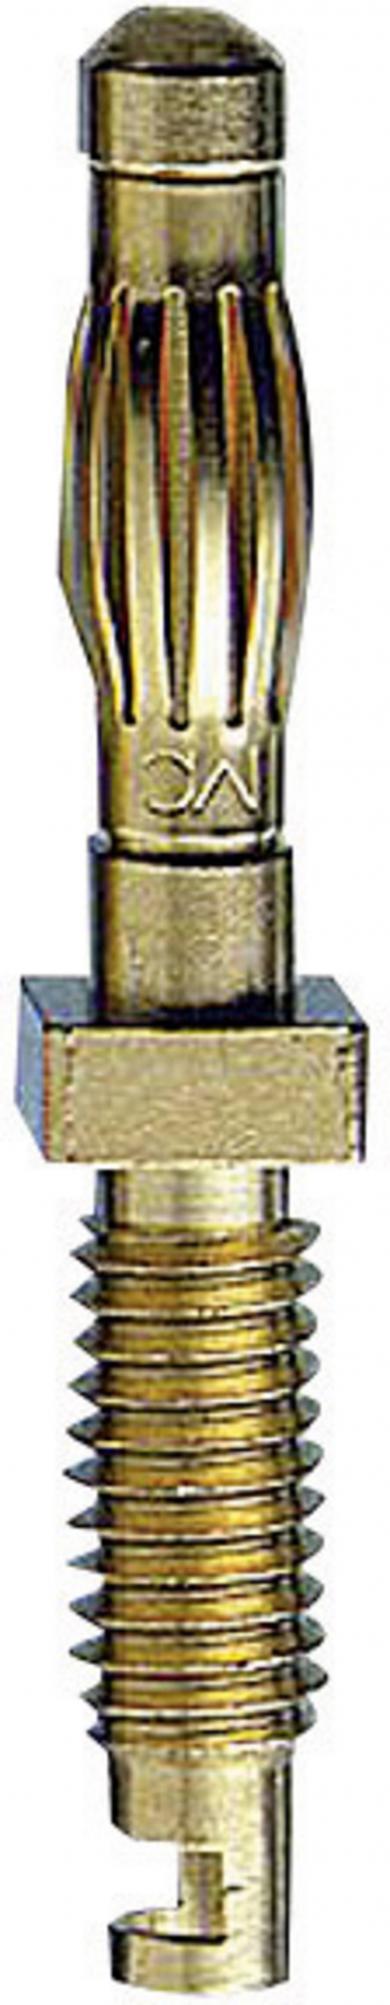 Mufă banană cu lamelă 22.1051, Ø pin 4 mm, 50 A, conexiune prin lipire